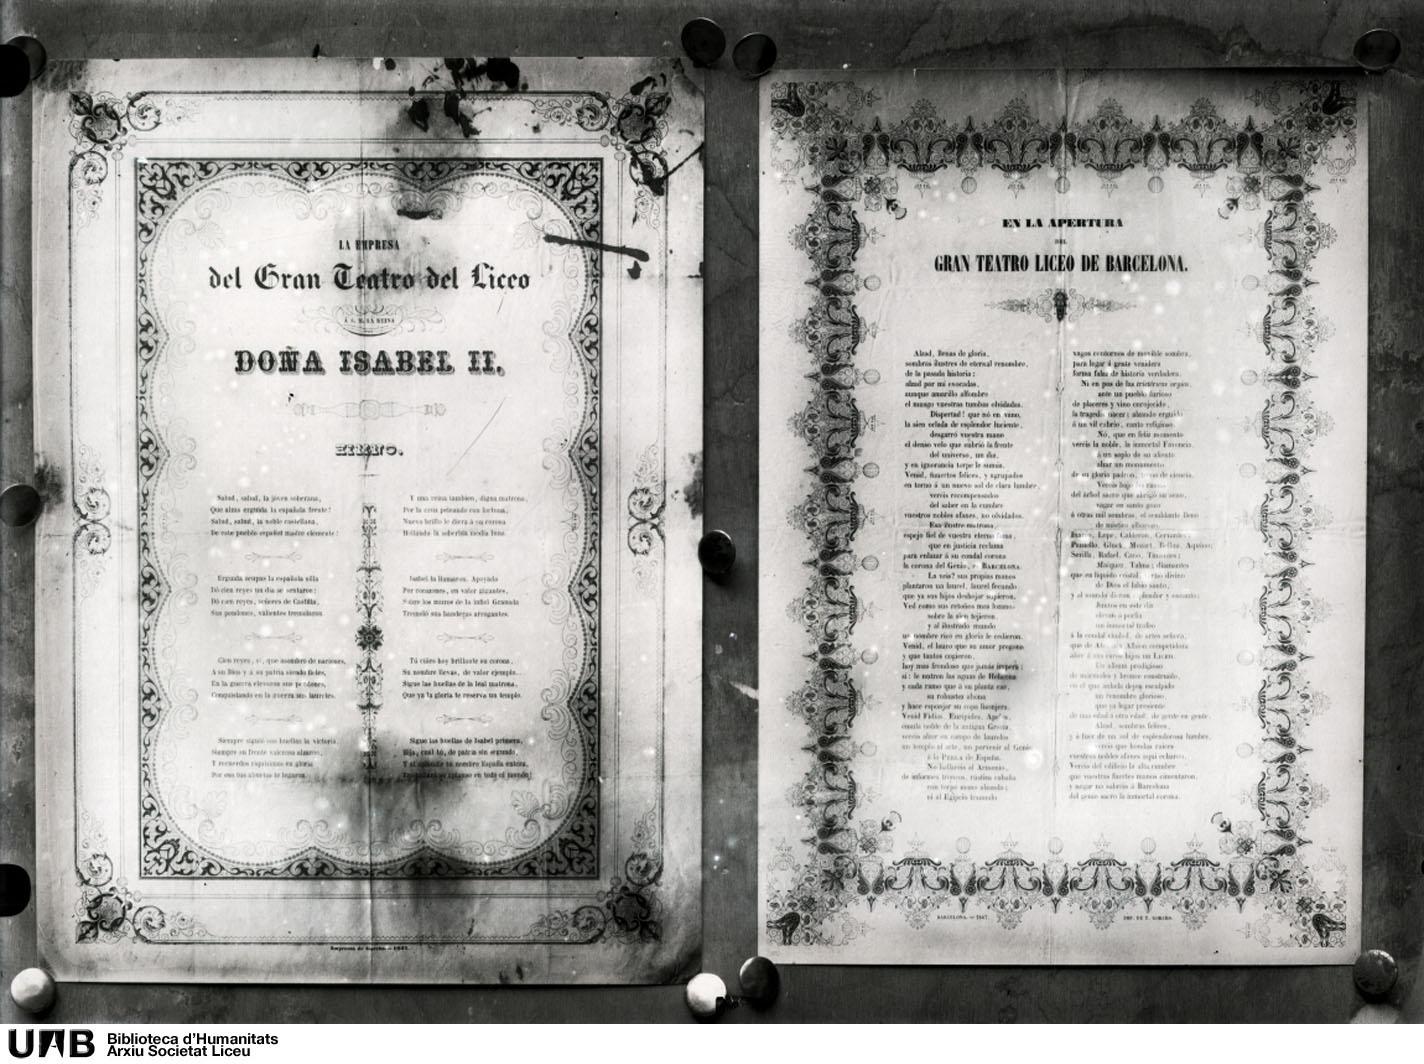 Himnes en honor d'Isabel II i de l'obertura del Teatre